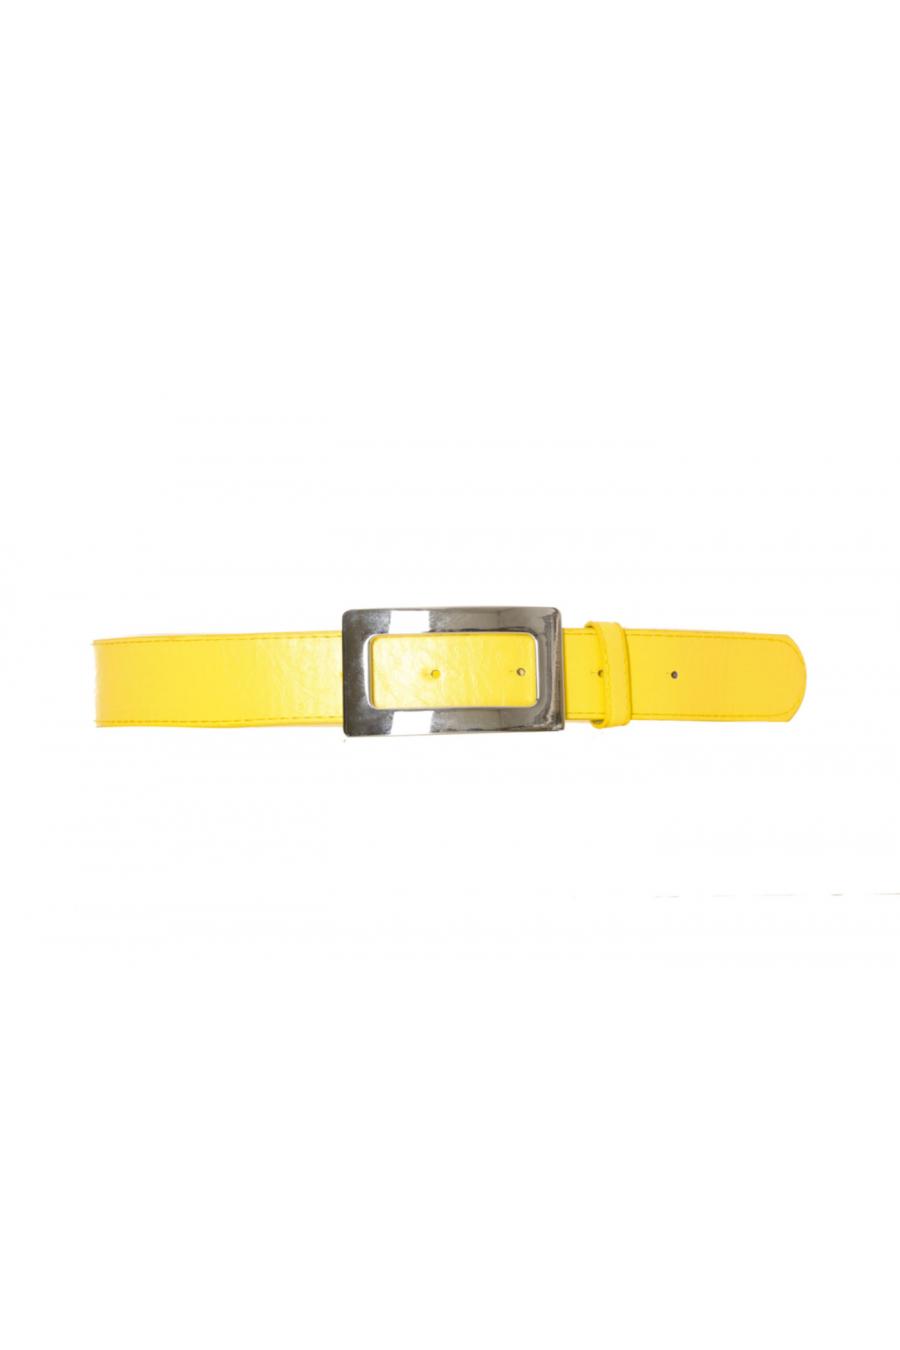 Ceinture jaune avec boucle en rectangle. SG-0292